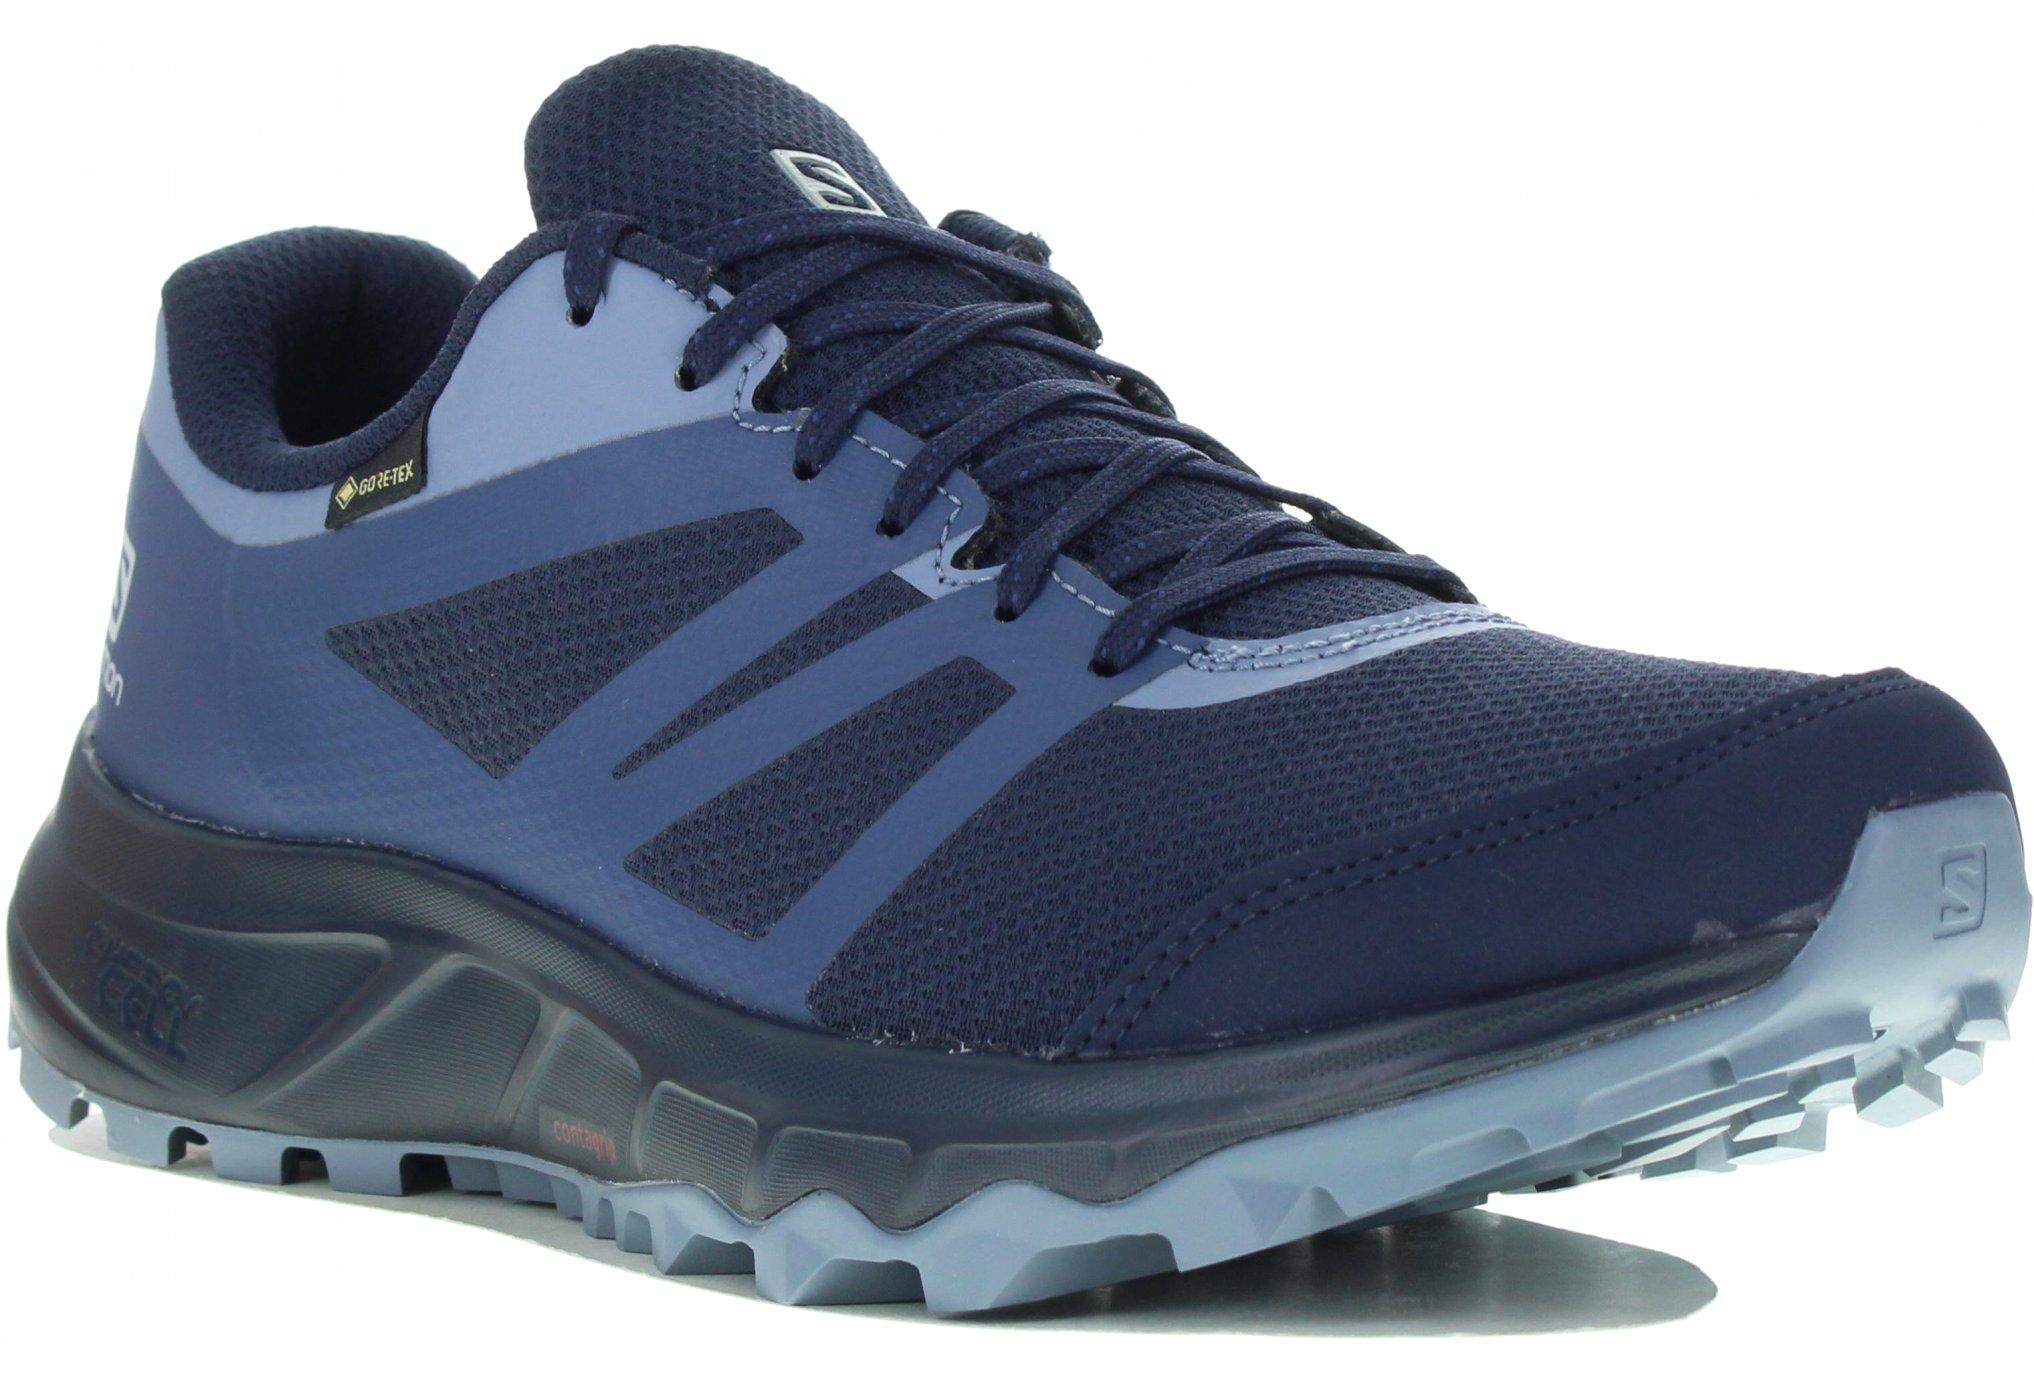 Salomon Trailster 2 Gore-Tex Chaussures running femme